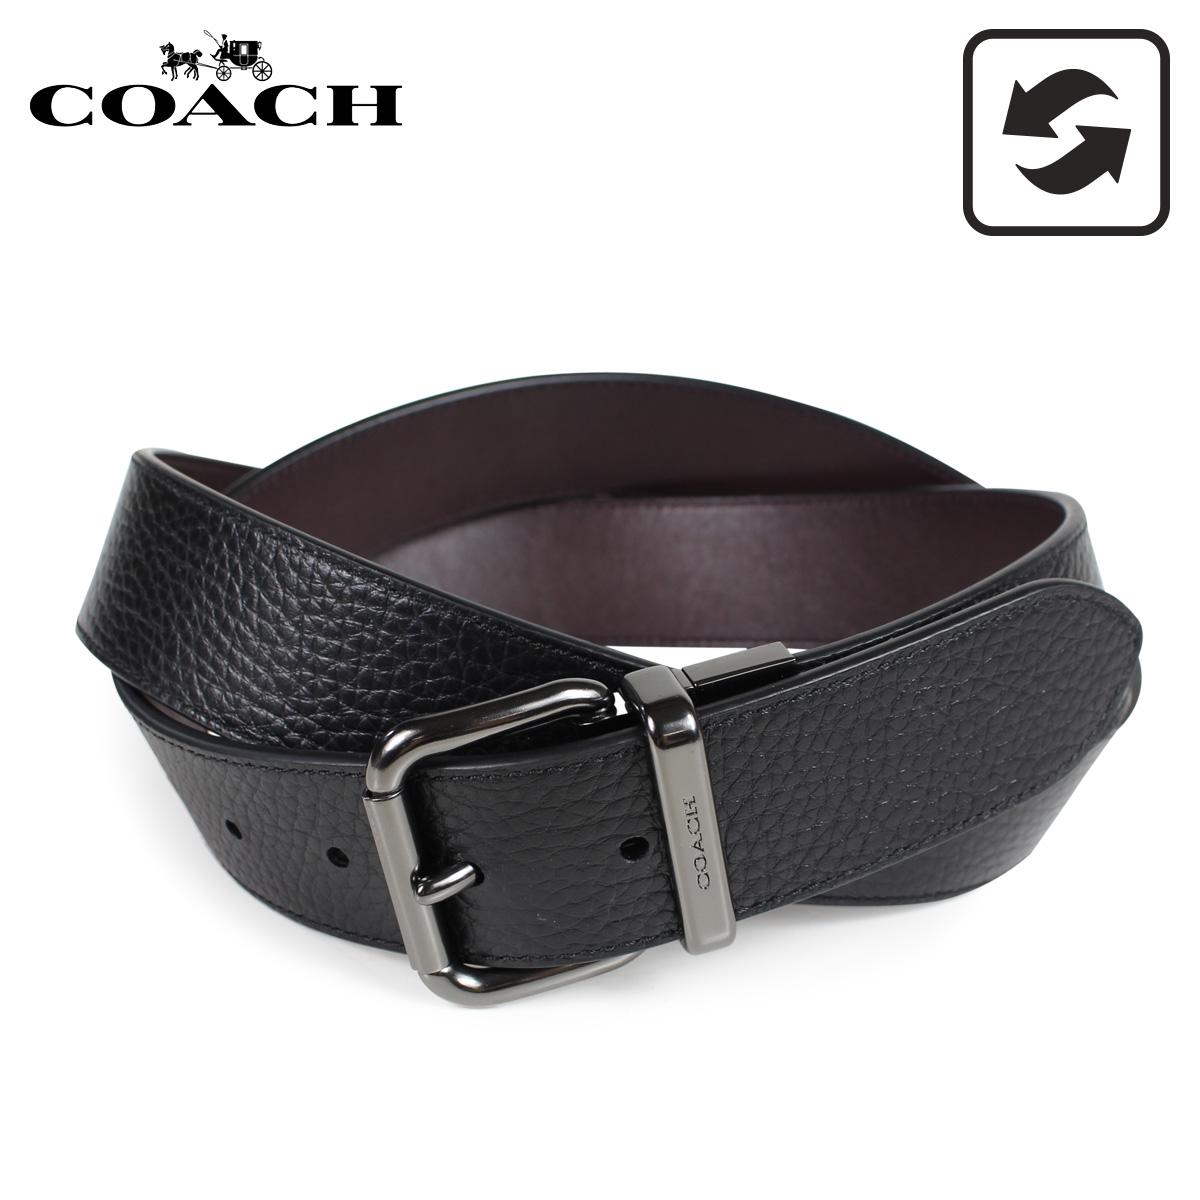 COACH コーチ ベルト レザーベルト メンズ リバーシブル 本革 レザー 黒 ブラック F38727 [3/8 新入荷]